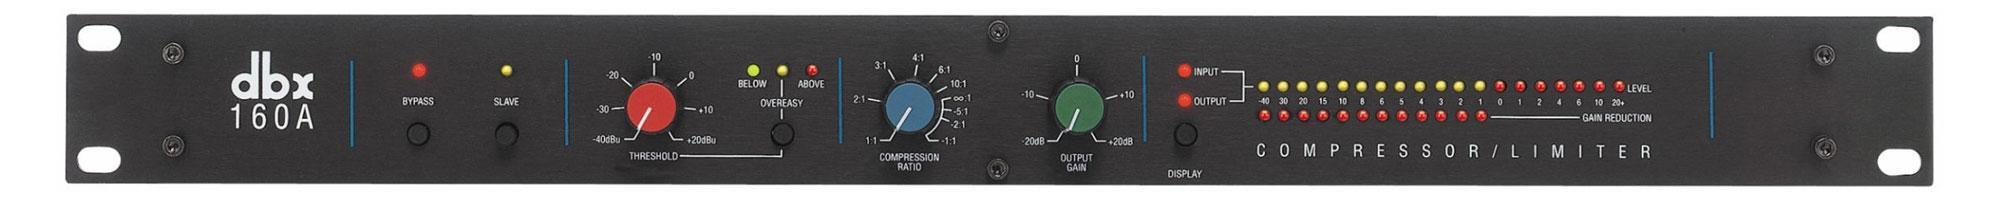 dbx 160A Kompressor